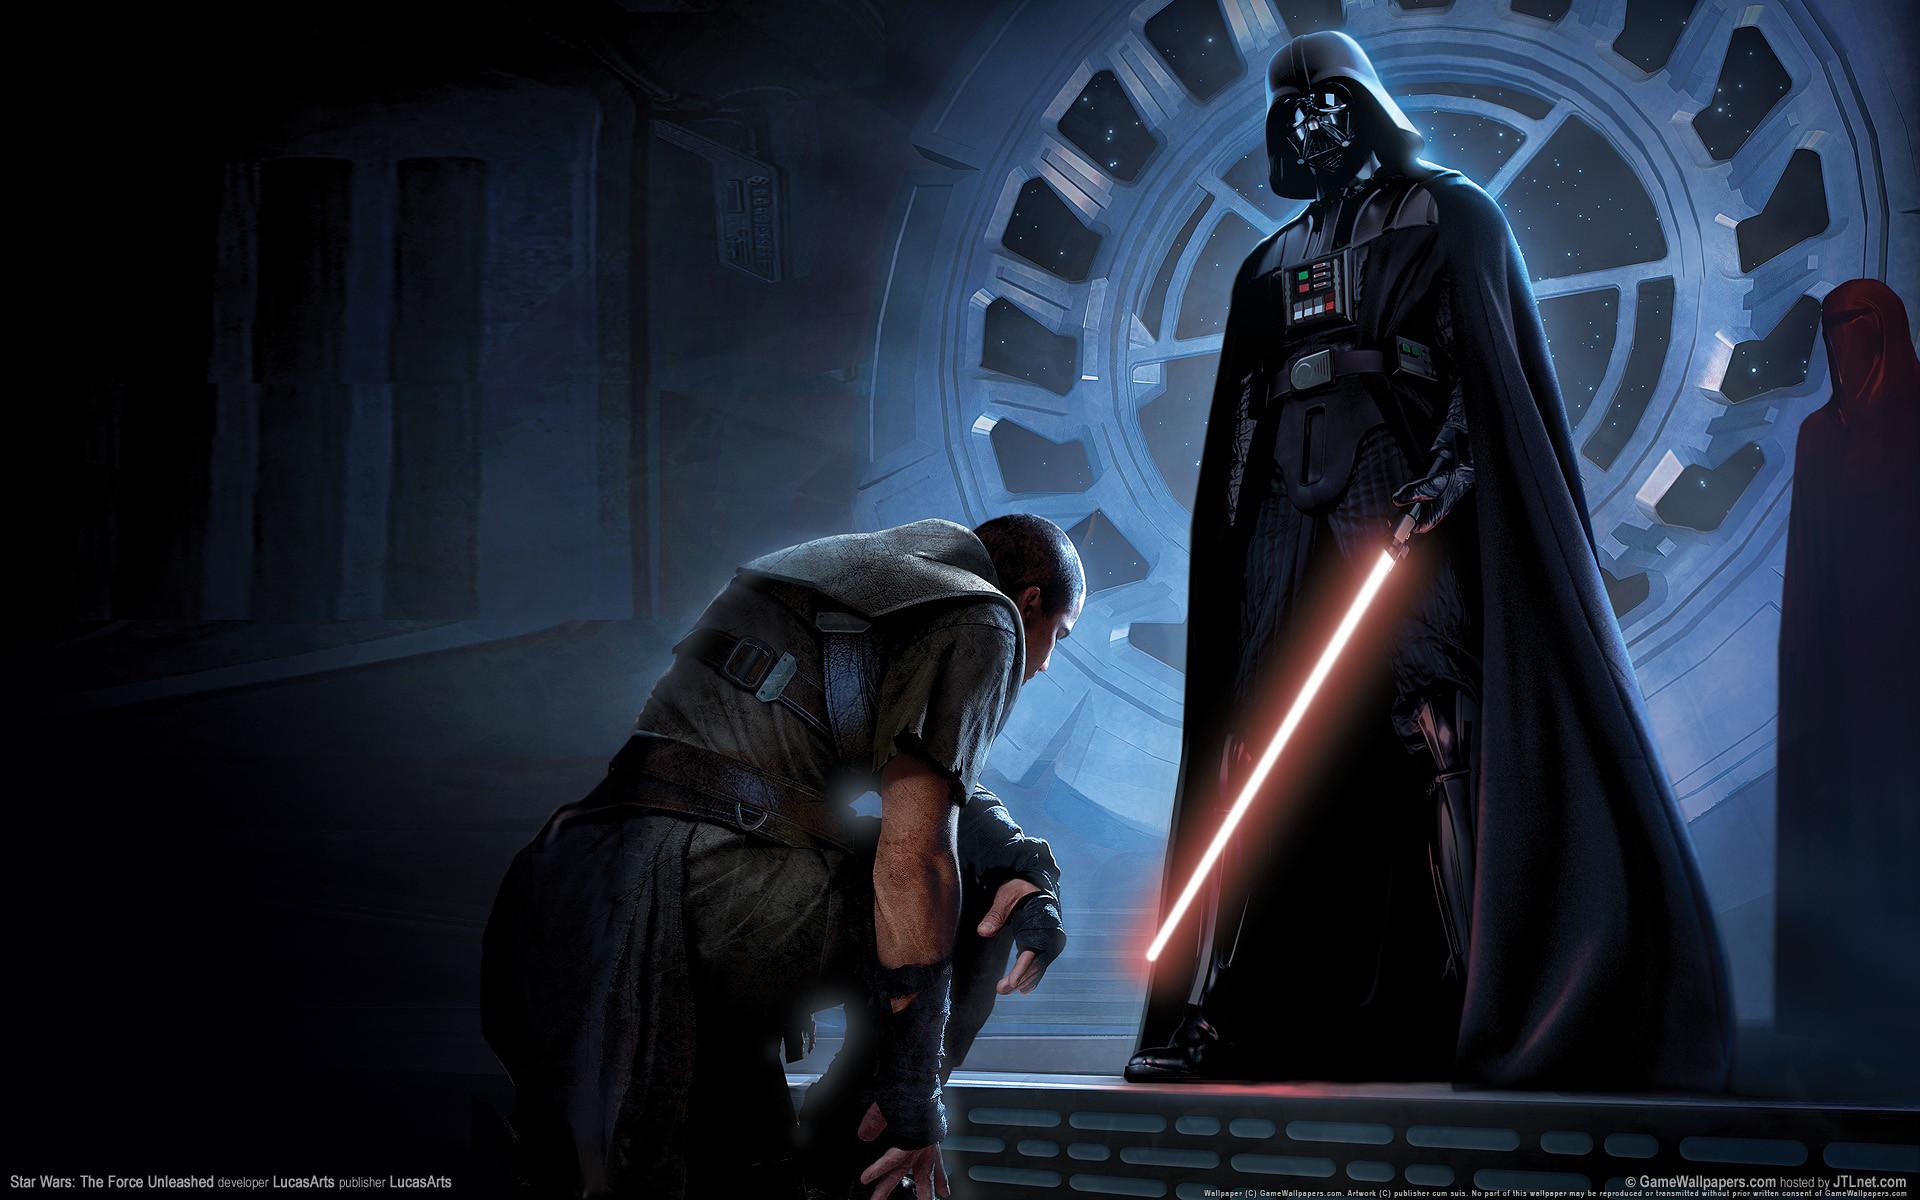 Sci Fi Star Wars Starkiller Darth Vader Death Star Wallpaper